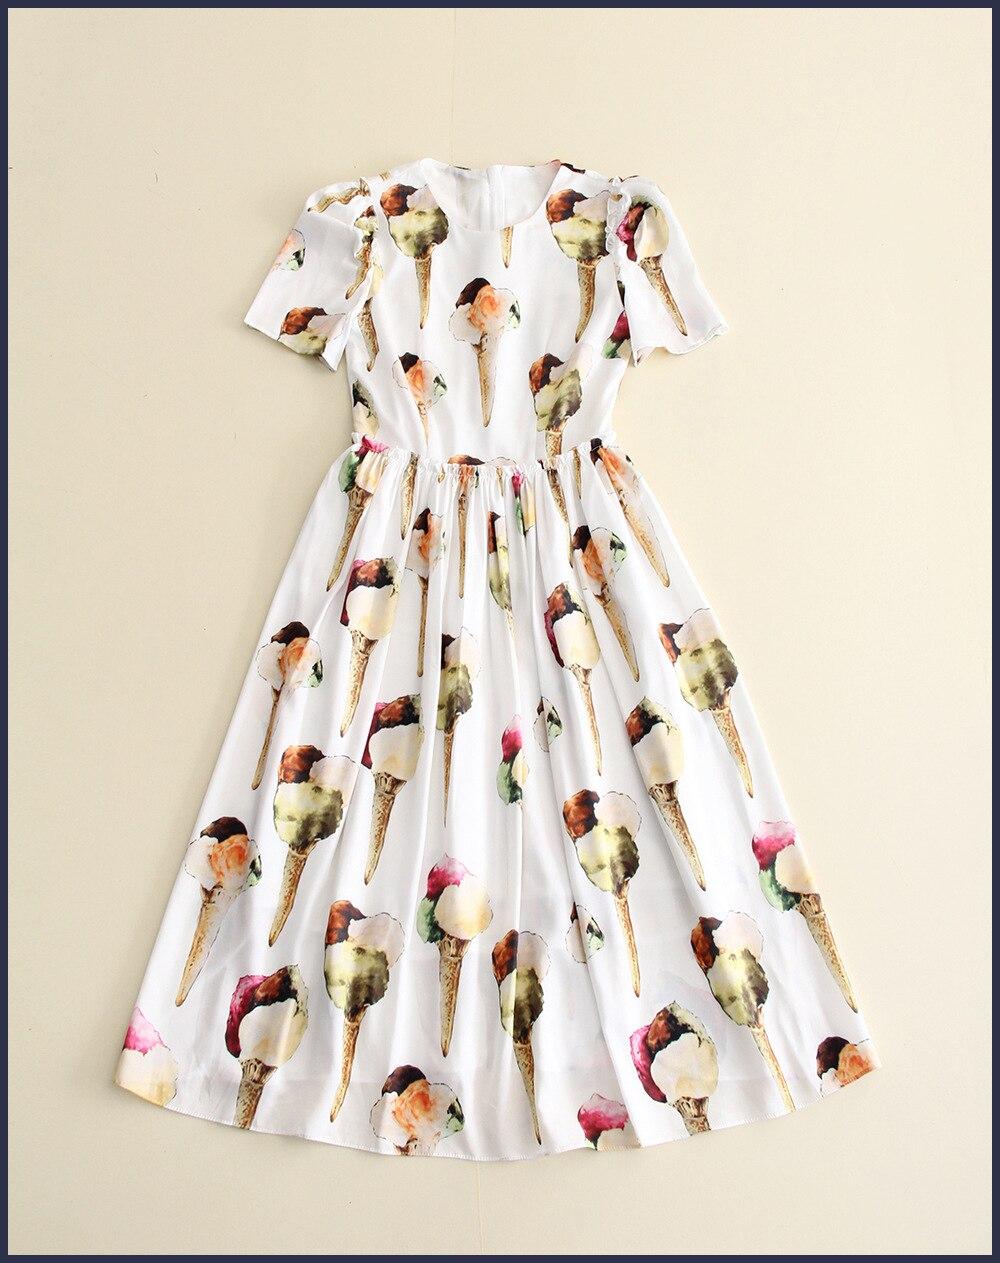 03bf5055a33a Nuovo 2017 moda primavera estate donna manica corta al ginocchio casual  lunghezza del vestito carino gelato modelli di stampa abiti nero bianco in  Nuovo ...